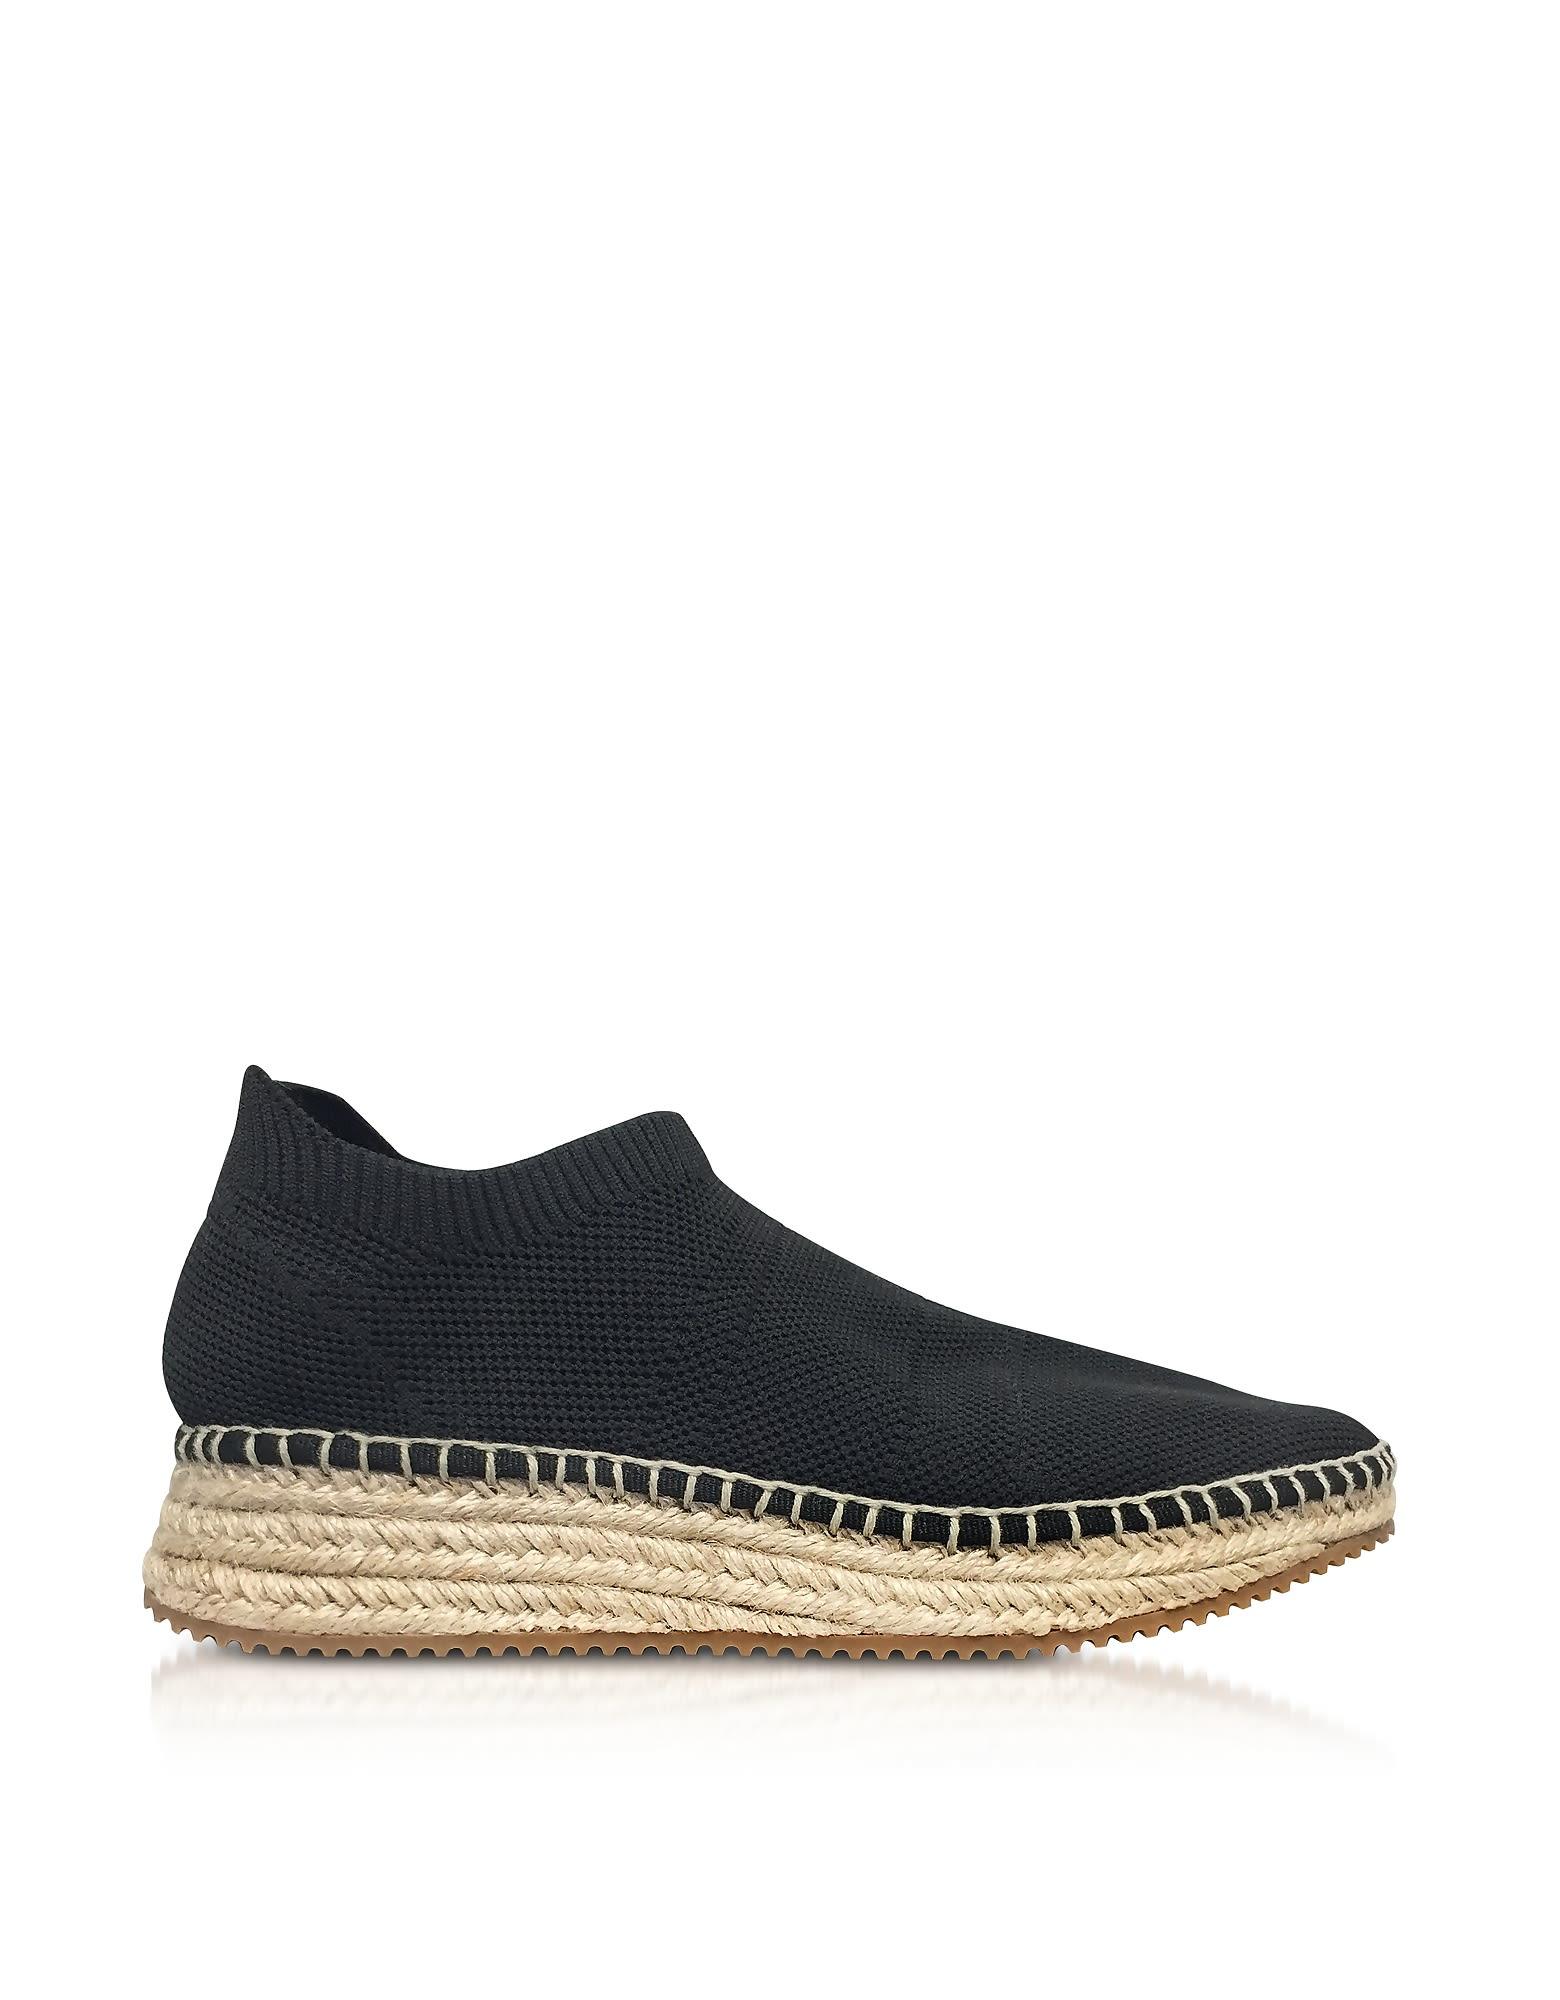 Alexander Wang Dylan Knit Low Top Sneakers W-jute Sole Sale Footlocker Fhh0U